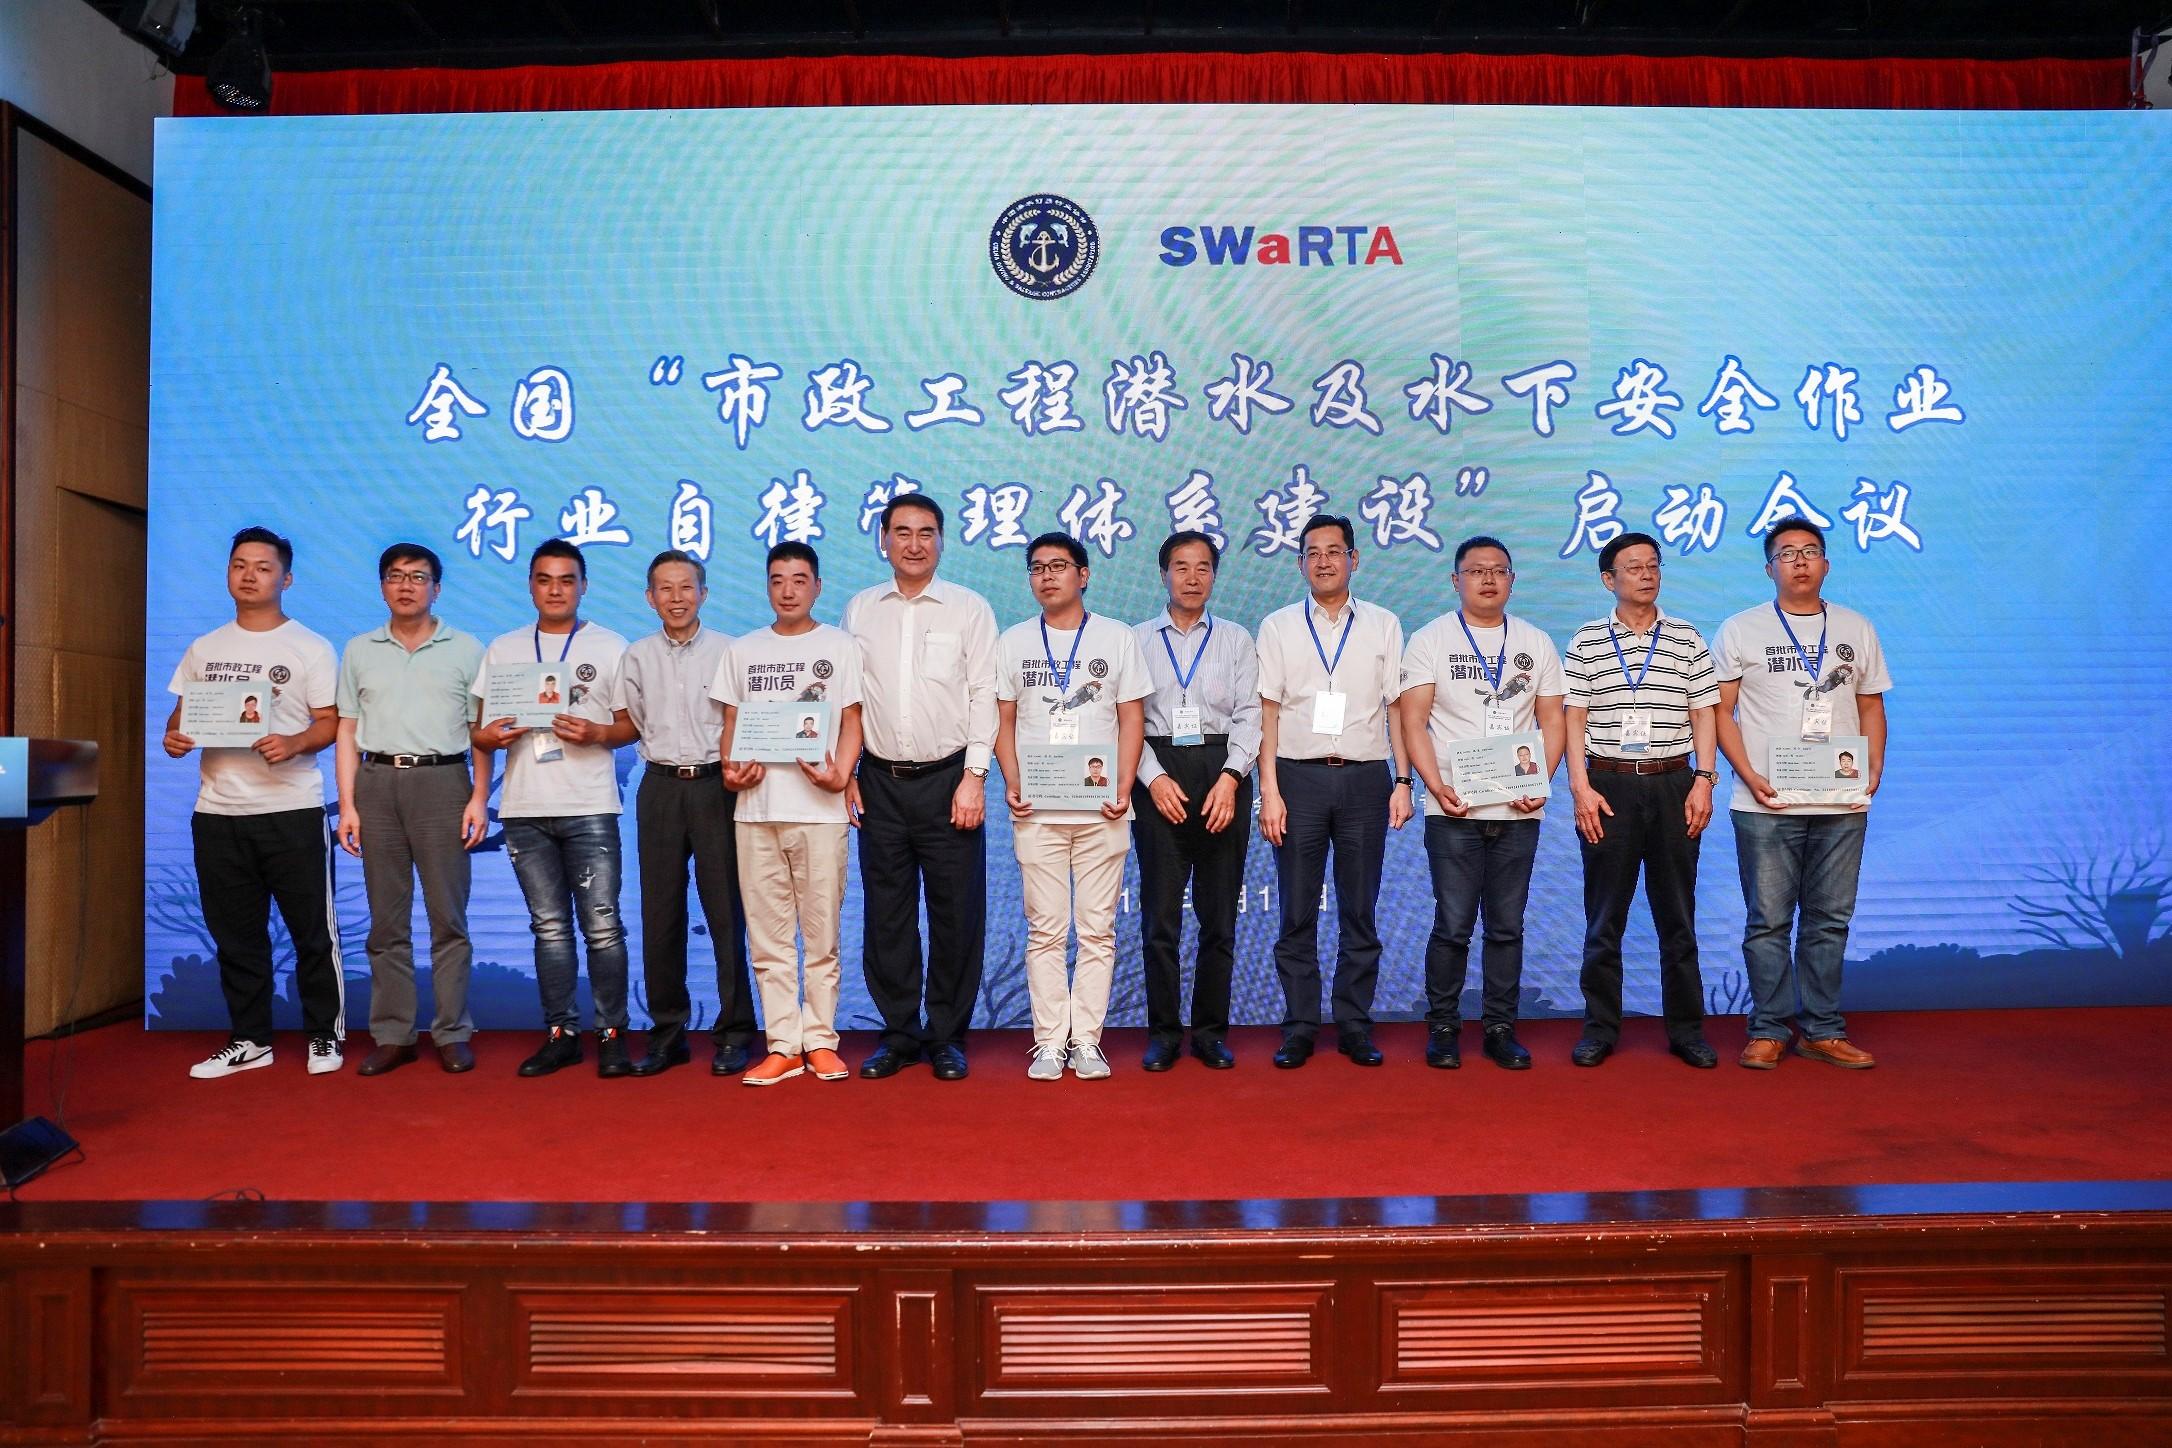 2018年6月15日,首批学员获得由中国潜水打捞行业协会颁发的市政工程潜水员证书(小小).jpg